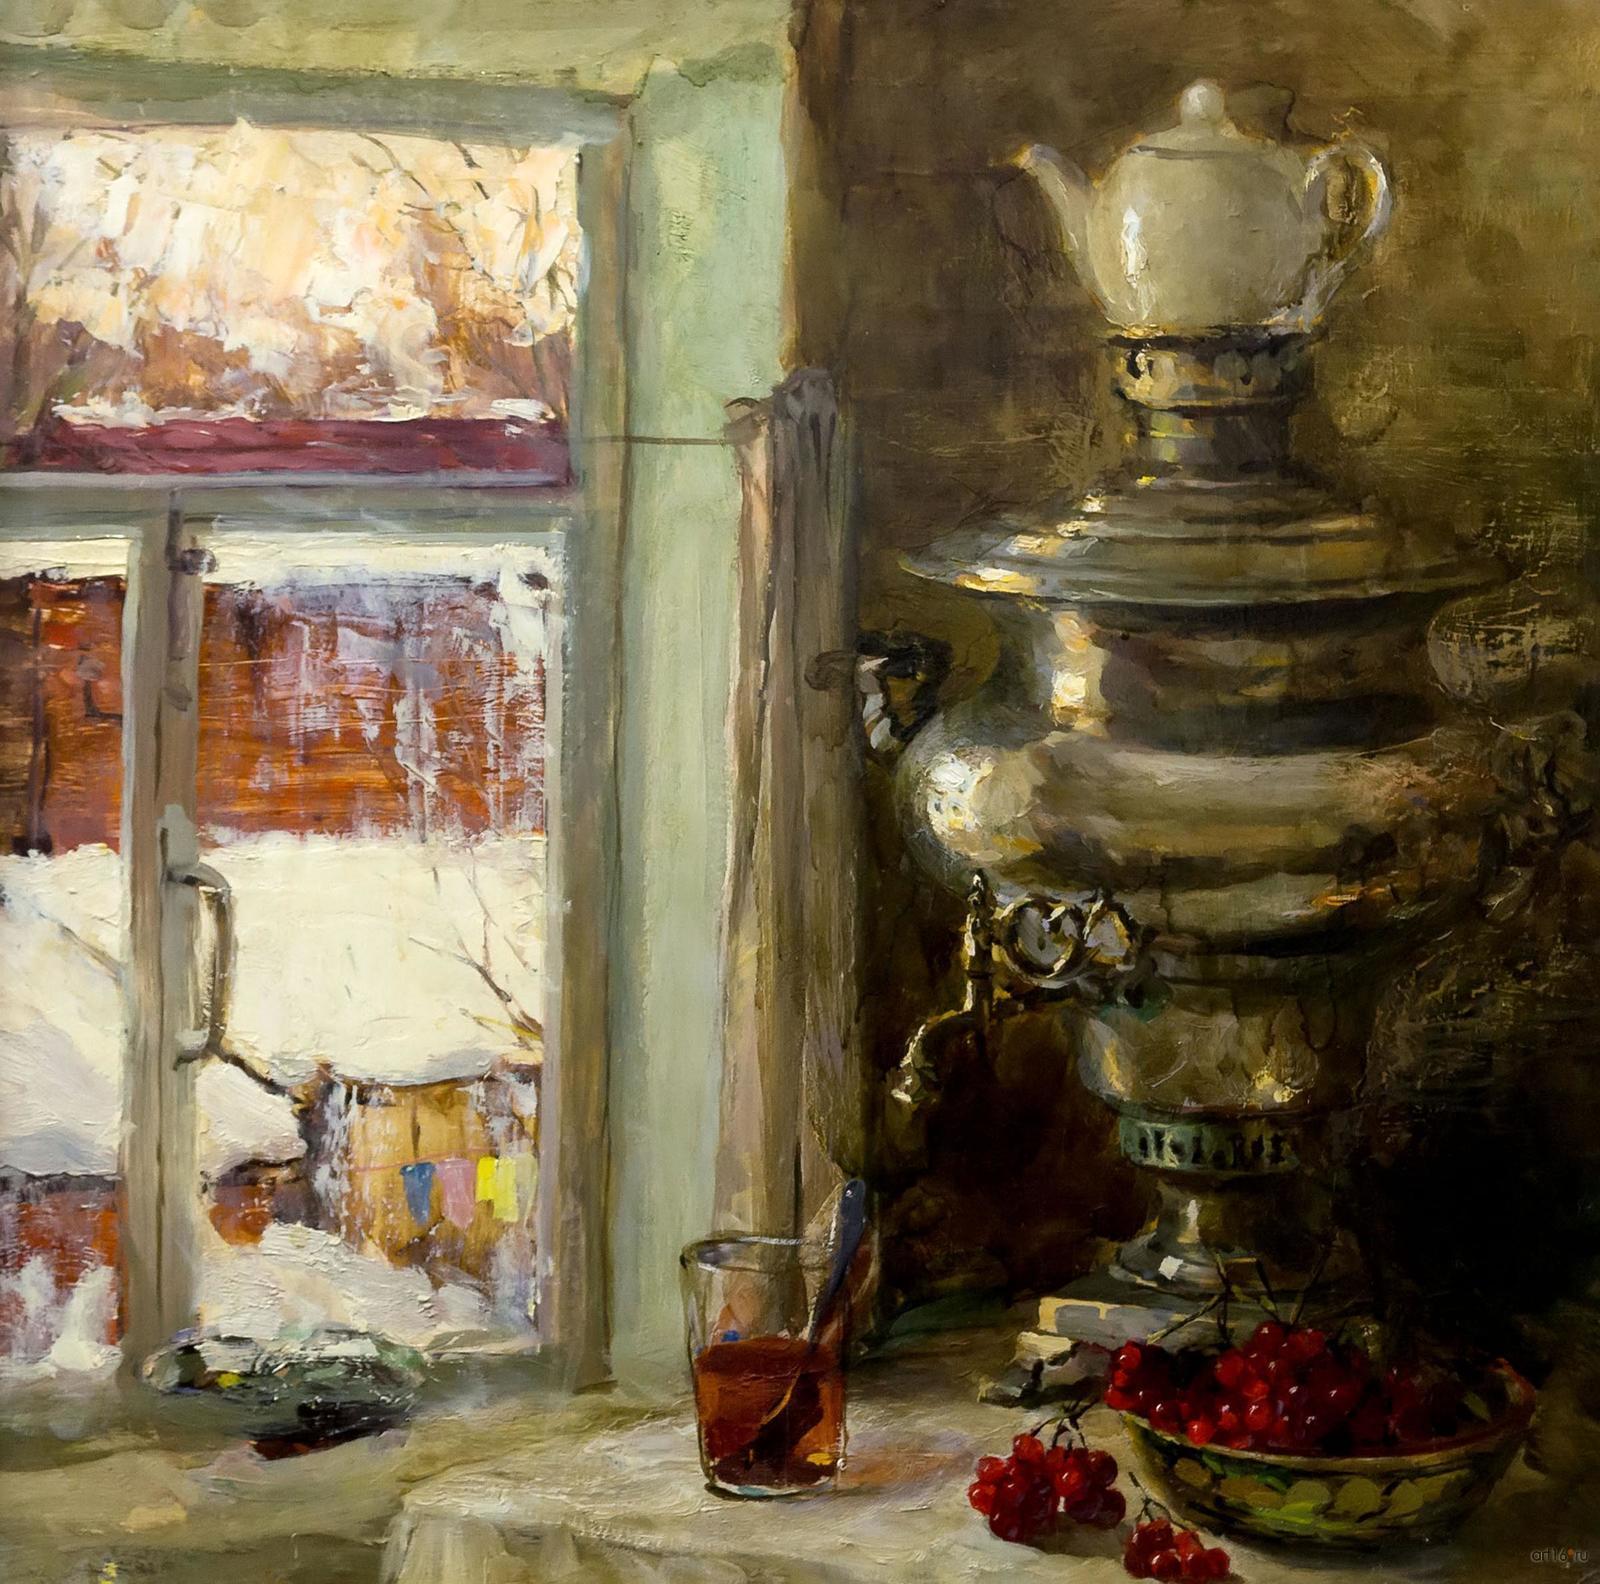 Фото №861037. Натюрморт с самоваром. 1976. Неустроев Сергей Васильевич. 1927-2011